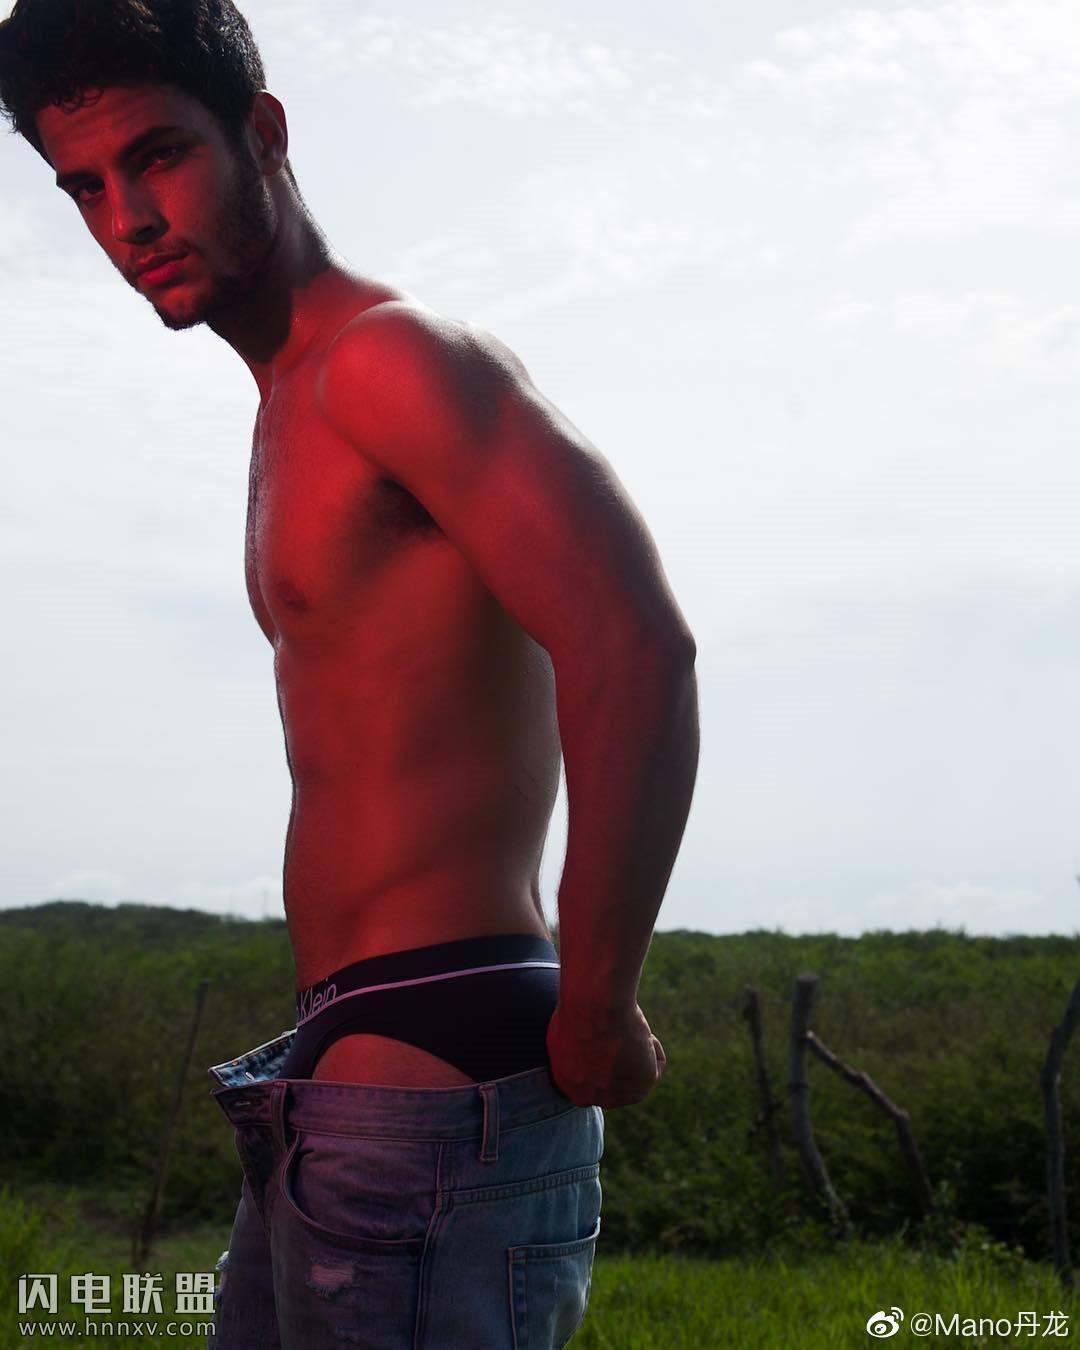 欧美肌肉男模帅哥海边性感文艺内裤写真第5张